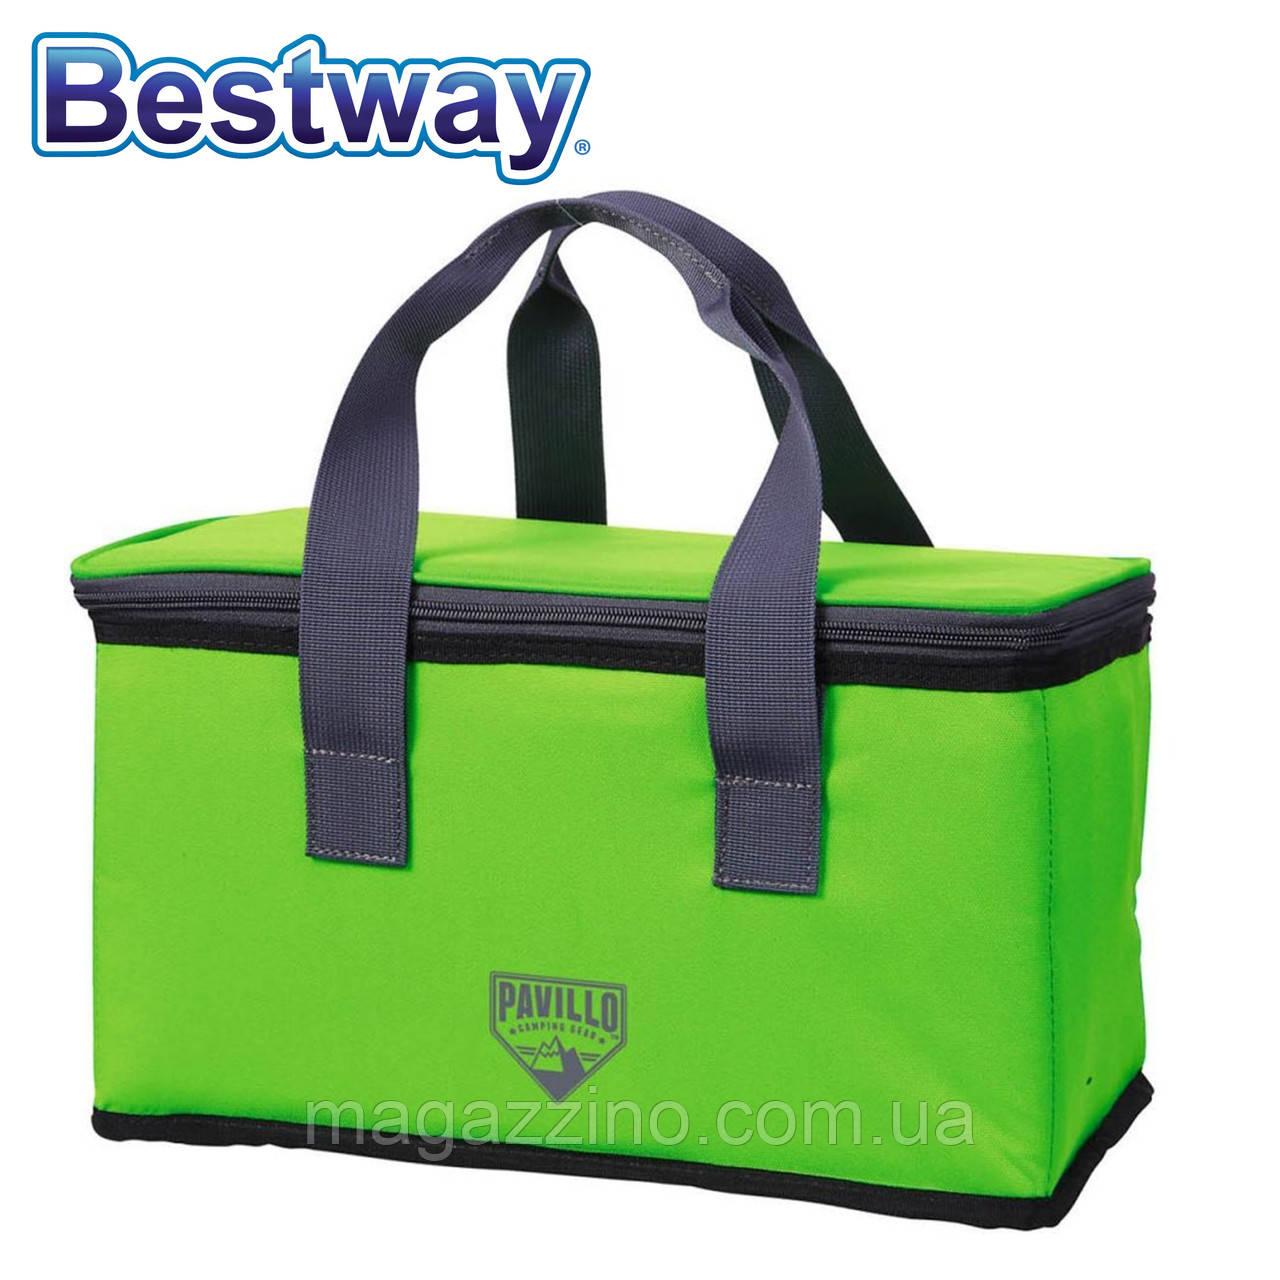 Термосумка, сумка-холодильник Bestway Pavillo Quellor Cooler Bag 15л.,